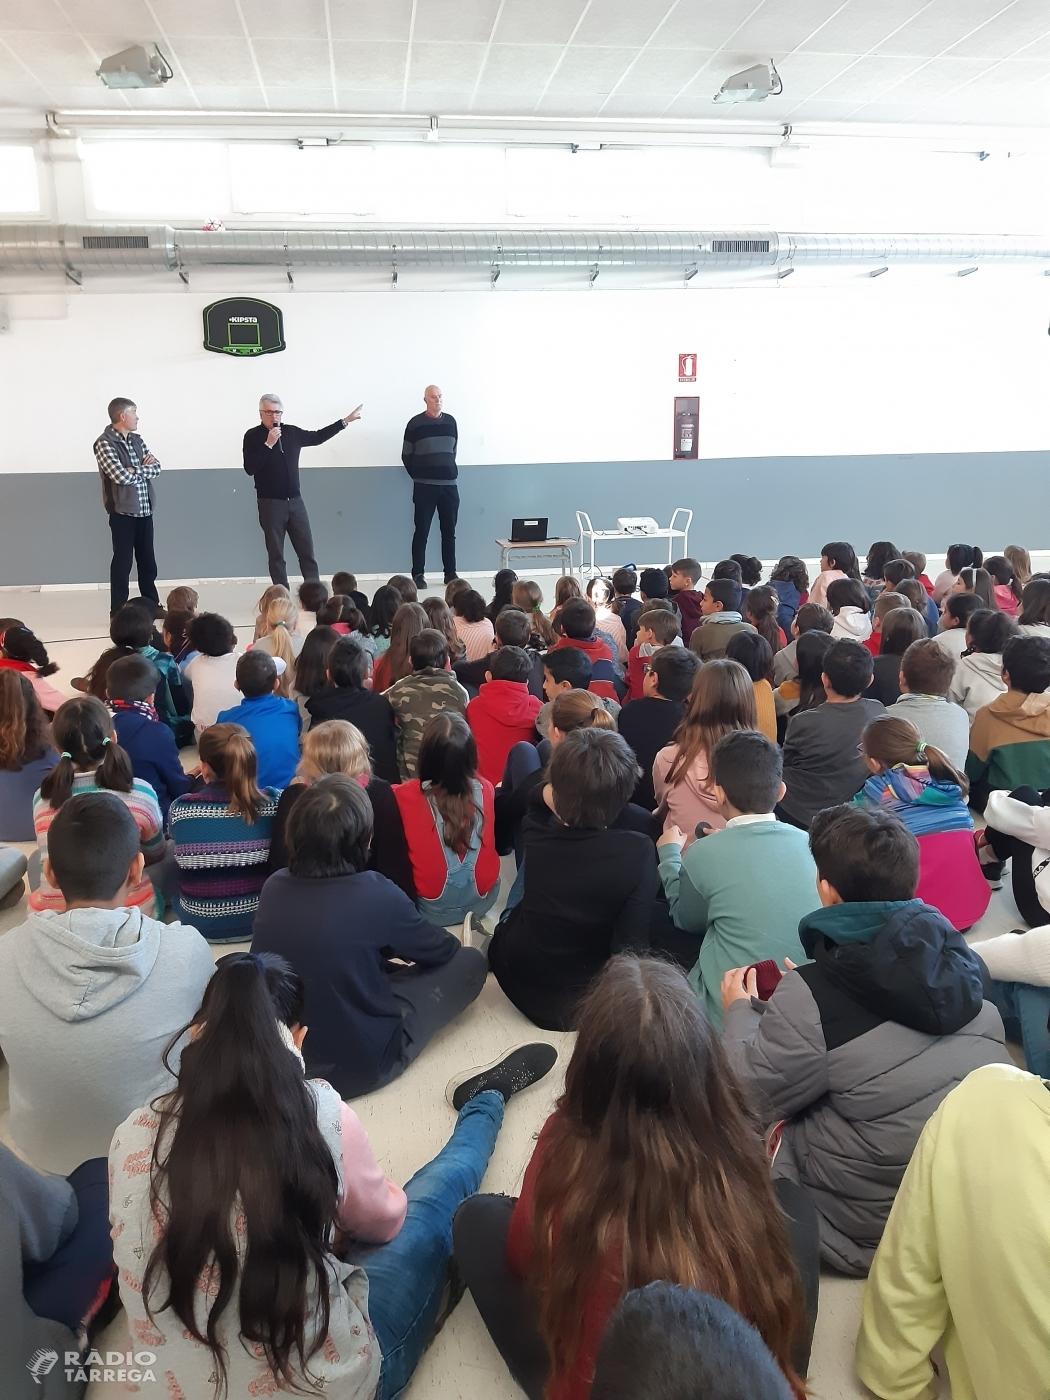 Setmana de projecte internivells sobre el Canvi Climàtic amb alumnes de primària de l'escola Maria Mercè Marçal de Tàrrega